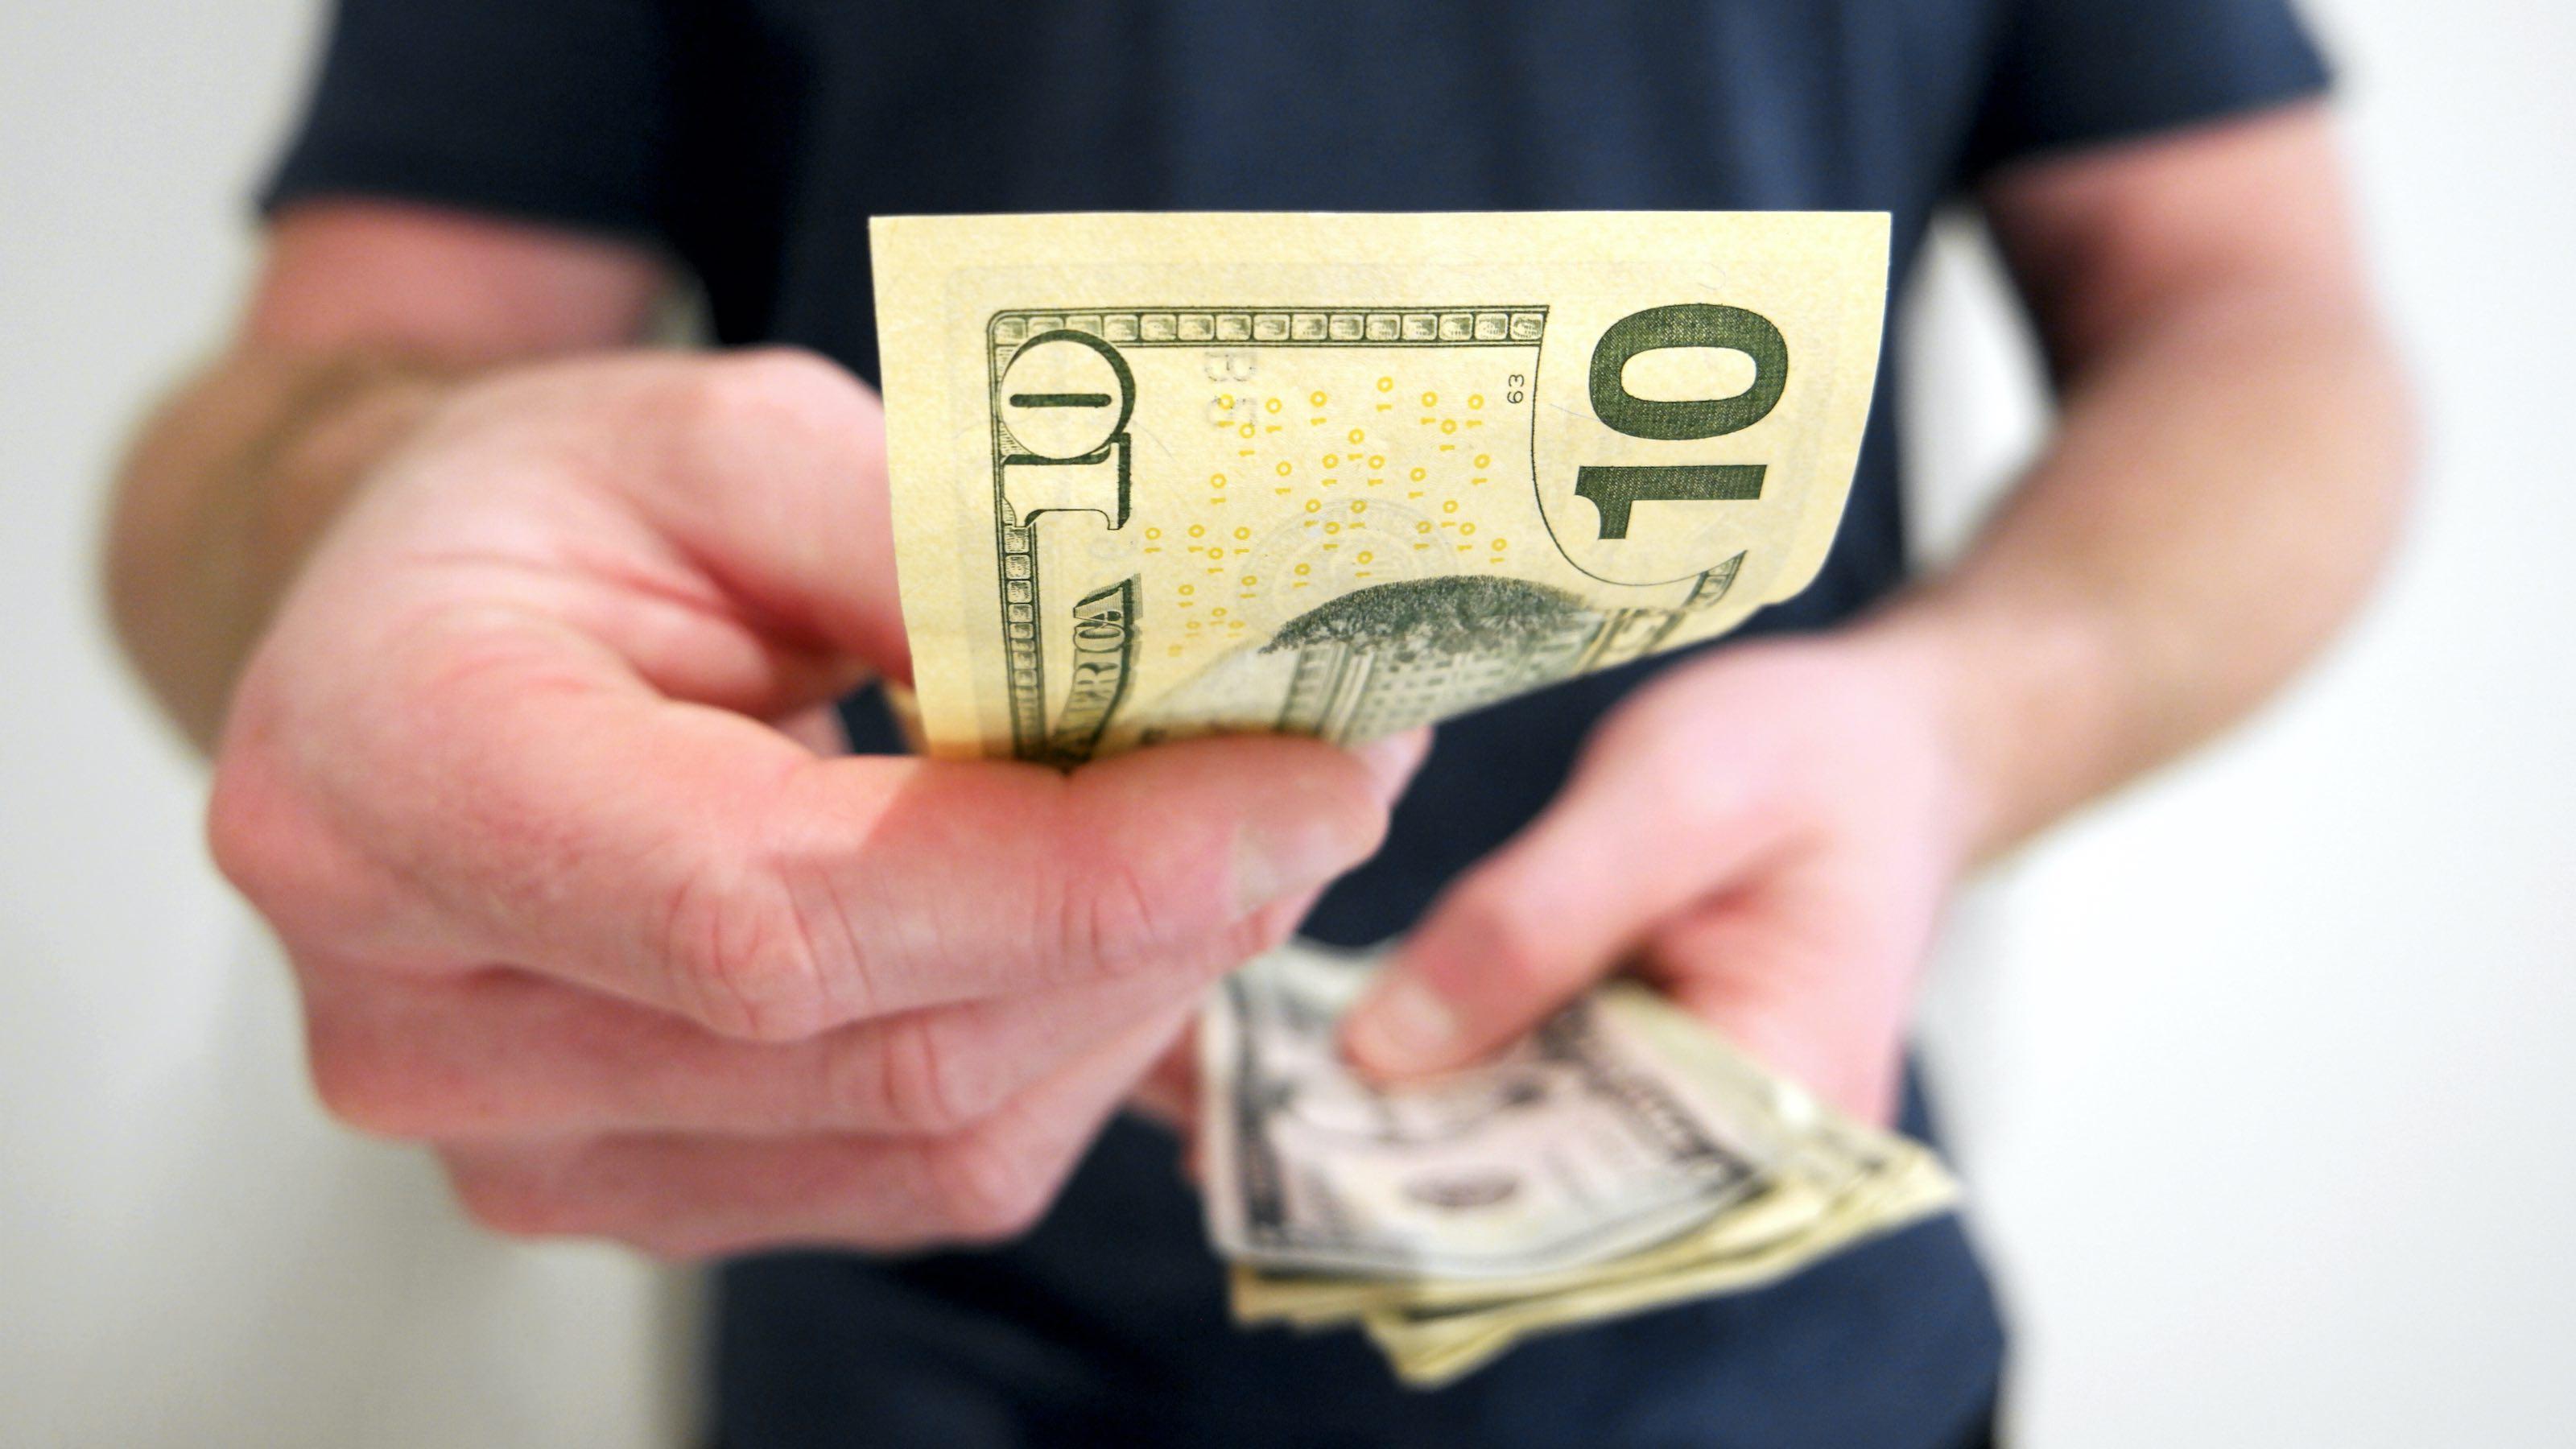 5 Cheap Stocks To Buy For 10 Or Less Kiplinger